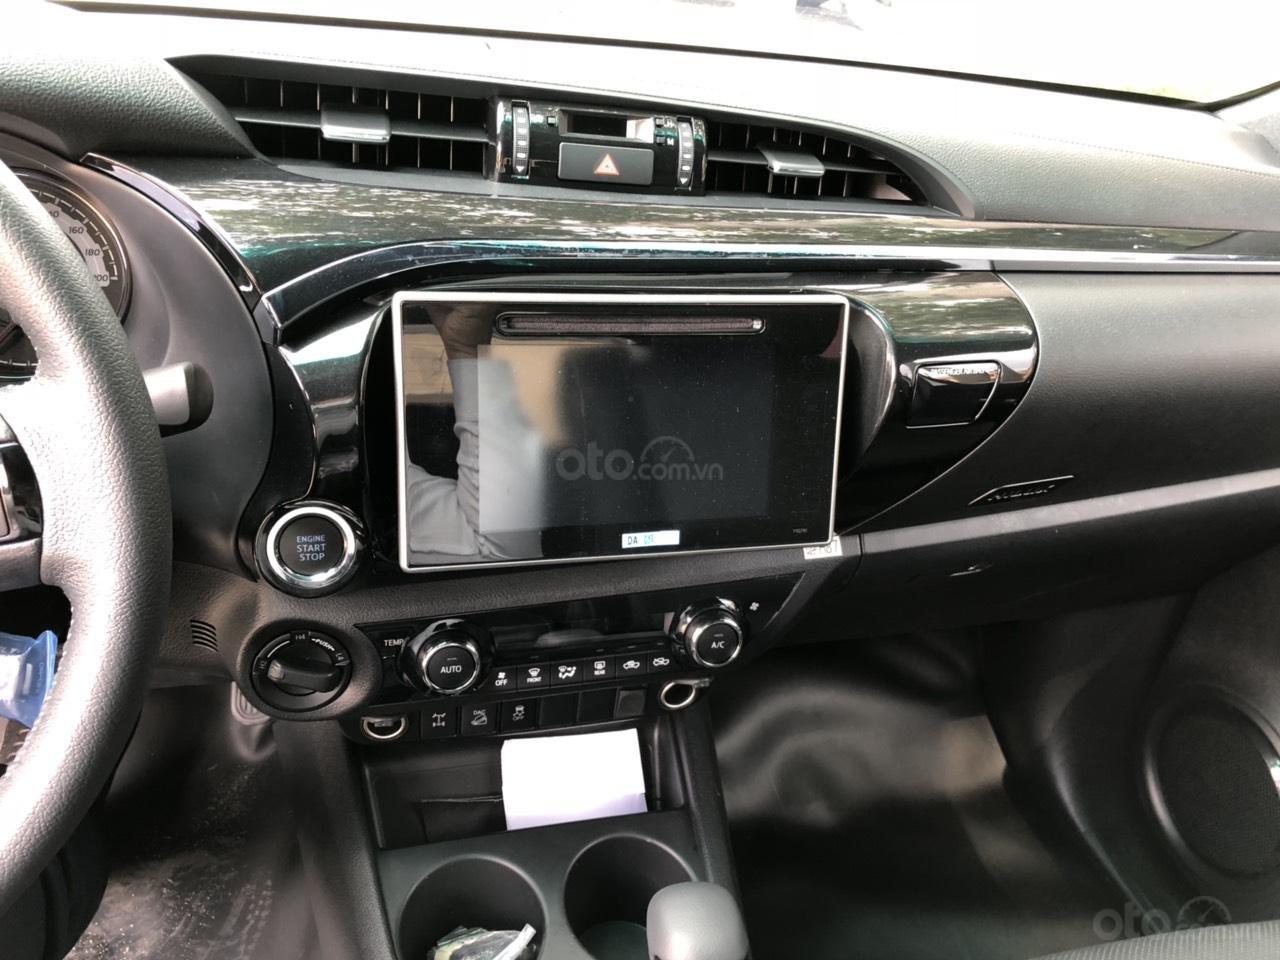 Toyota Hilux 2.8G 4x4 AT 2019, nhập khẩu Thái, giá tốt - hấp dẫn - giao mọi miền, hỗ trợ mua xe trả góp-2